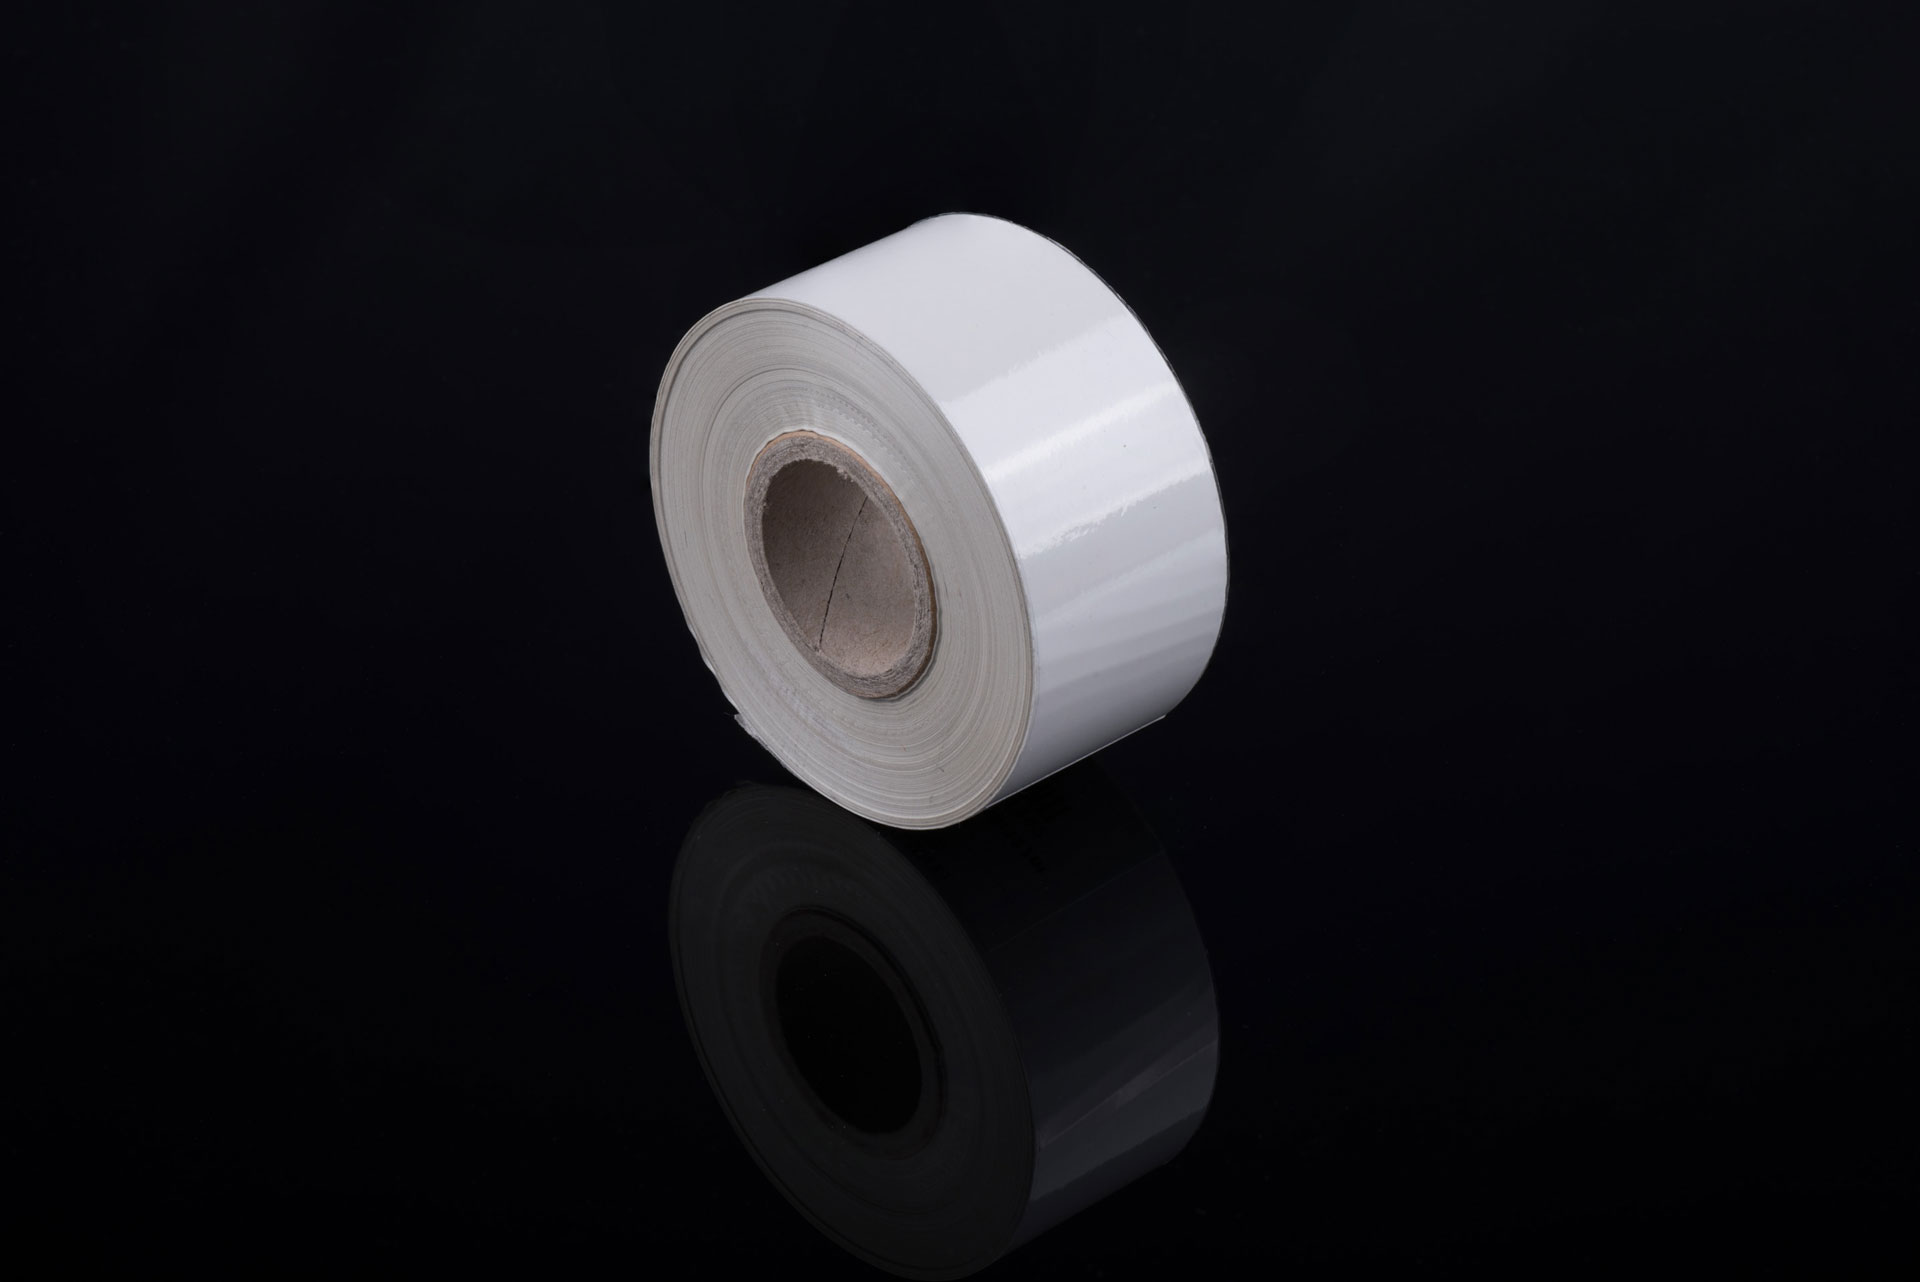 Farbband aus hochwertigen Wachs hergestellt, weiß